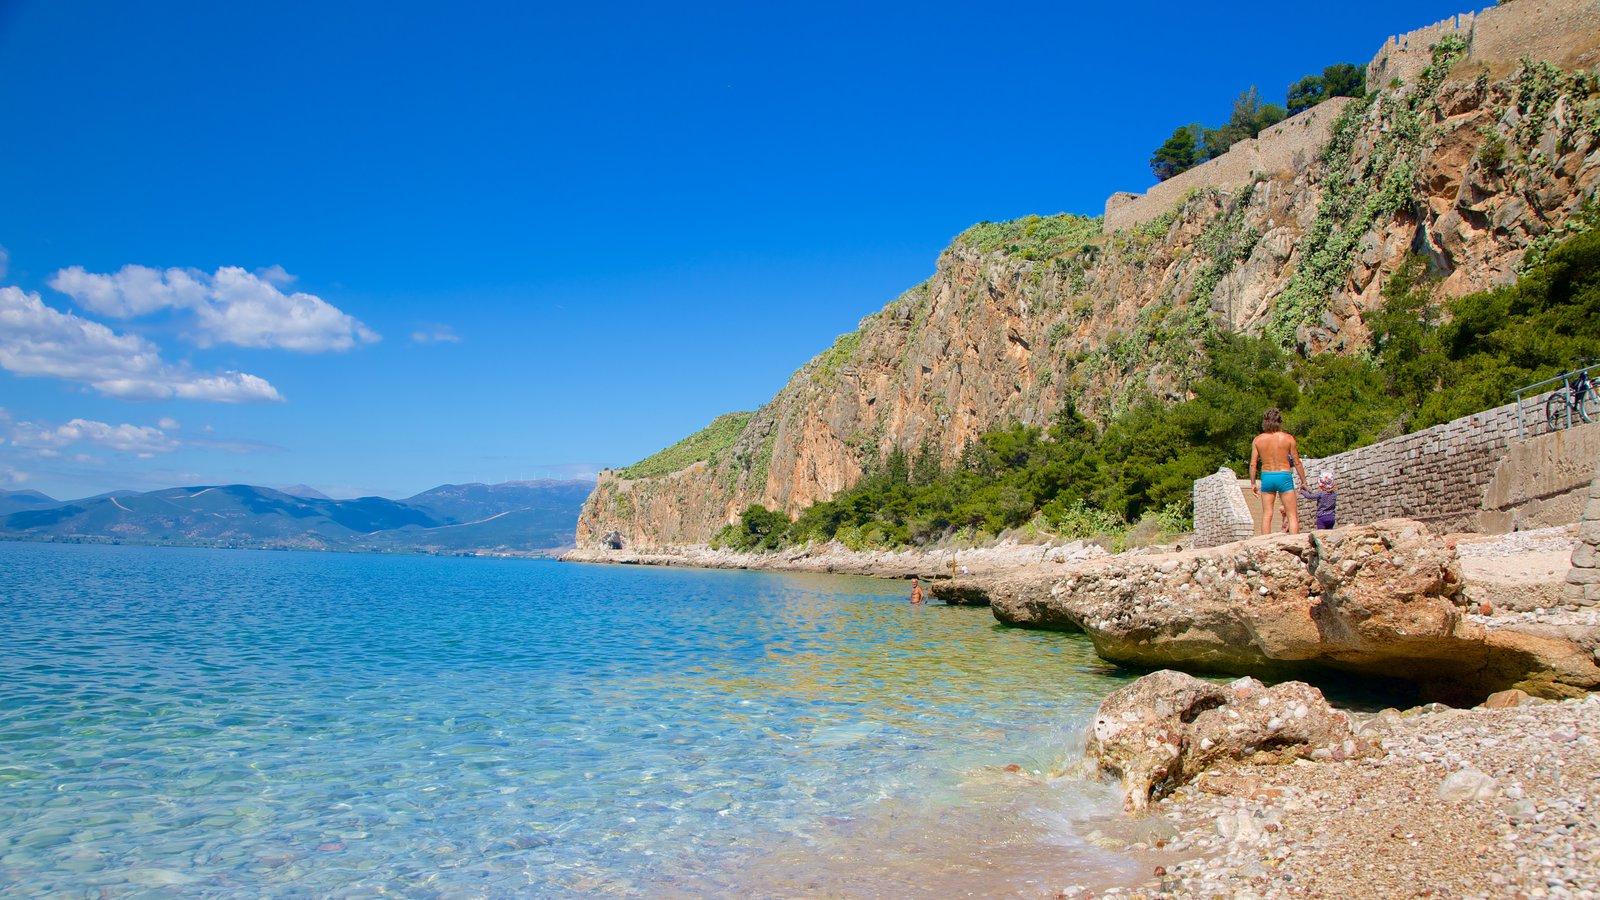 Nafplio coastline